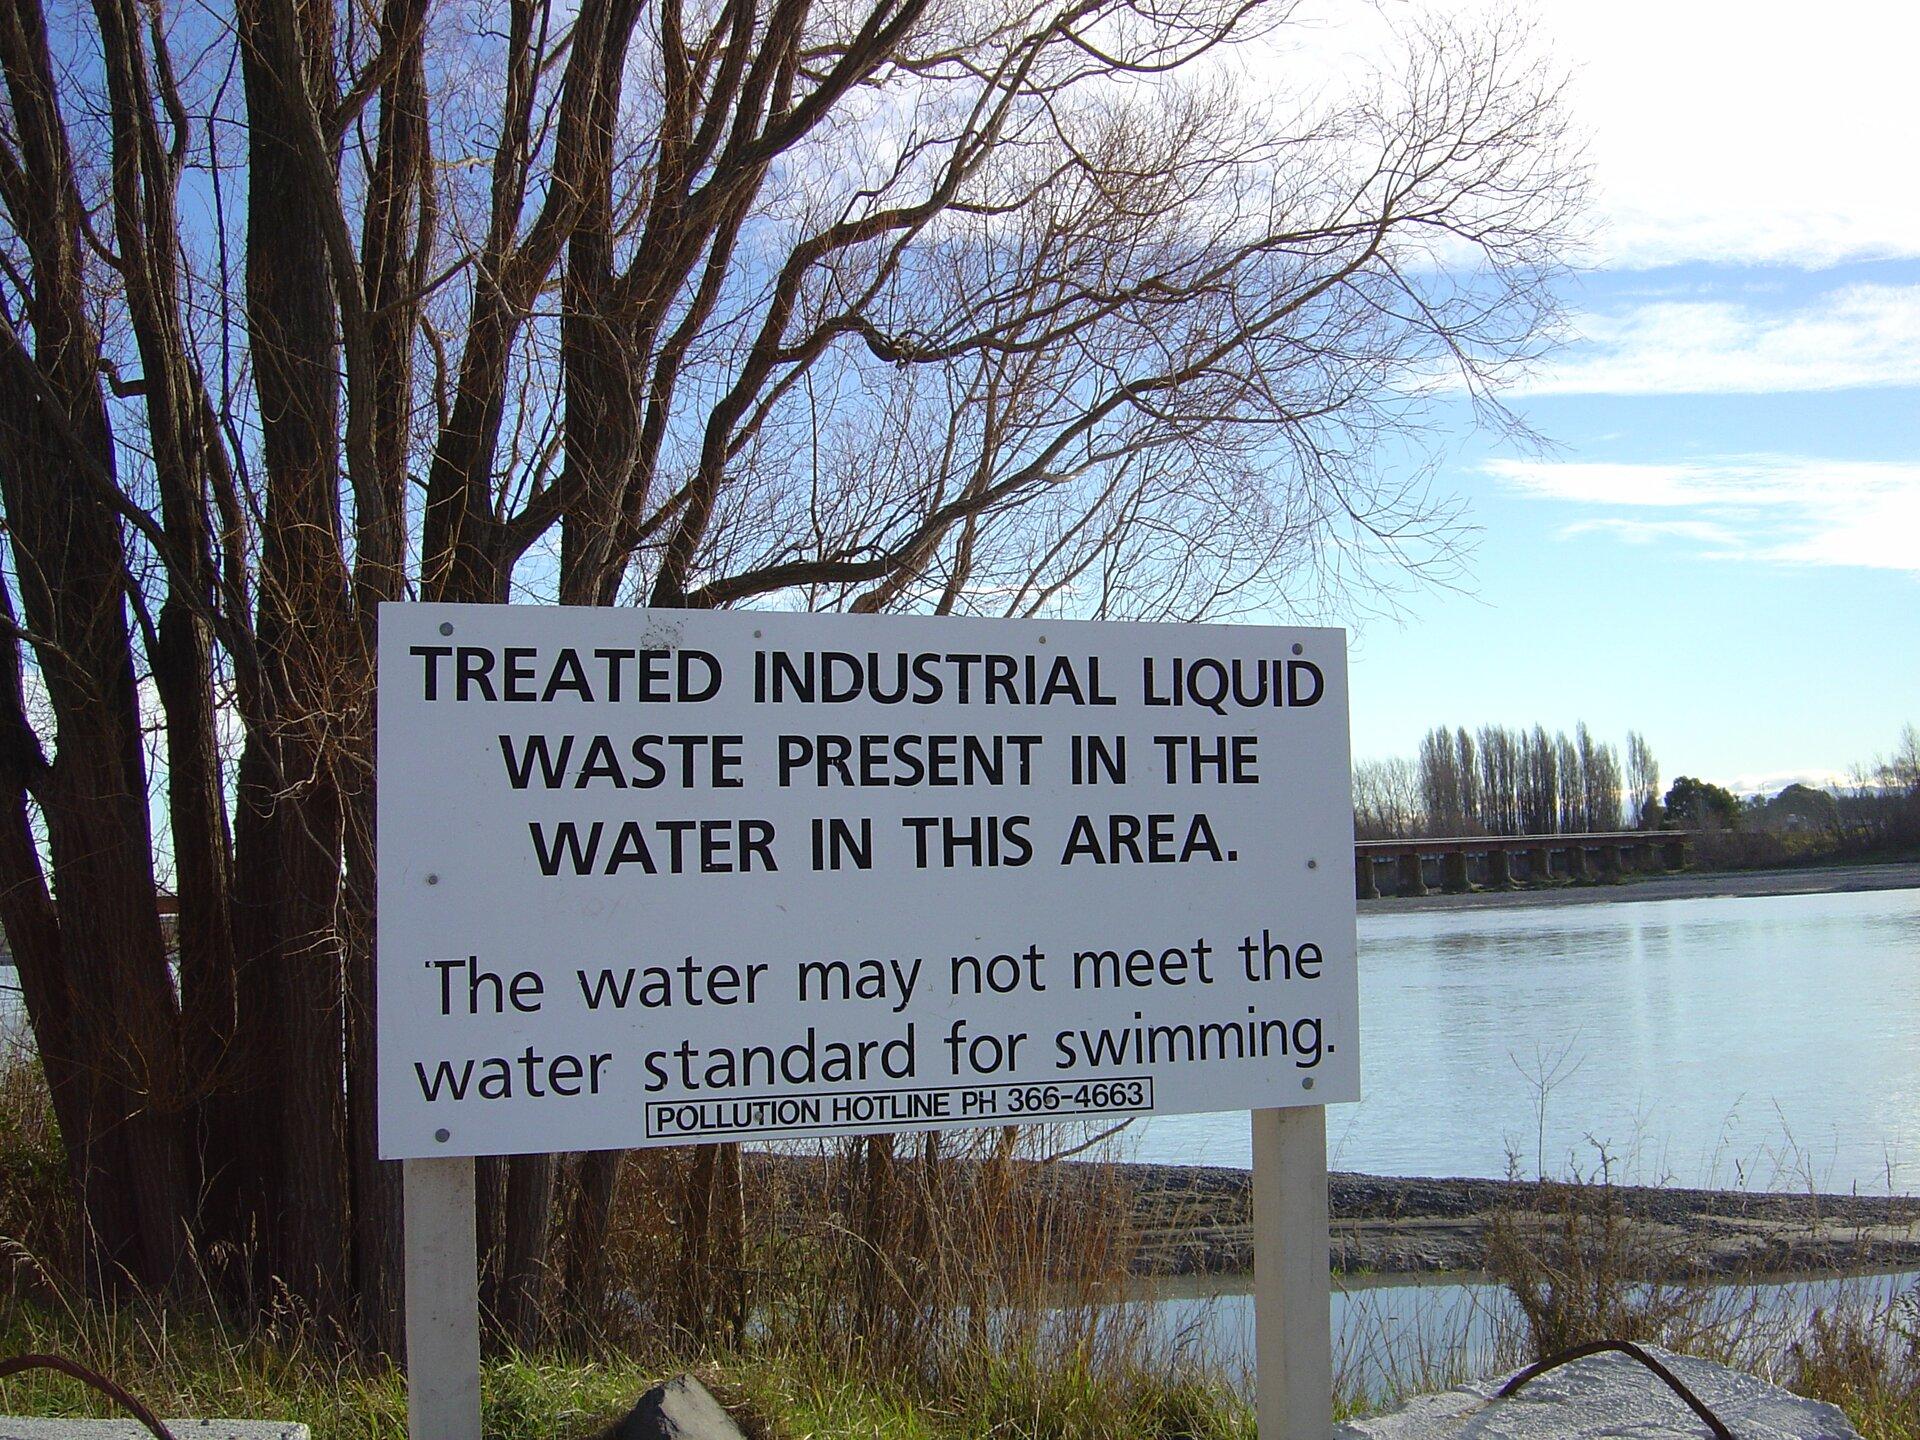 Na zdjęciu brzeg rzeki, krzewy. Na pierwszym planie tablica informacyjna. Czarny napis na białym tle. Informuje ozanieczyszczeniu wody.